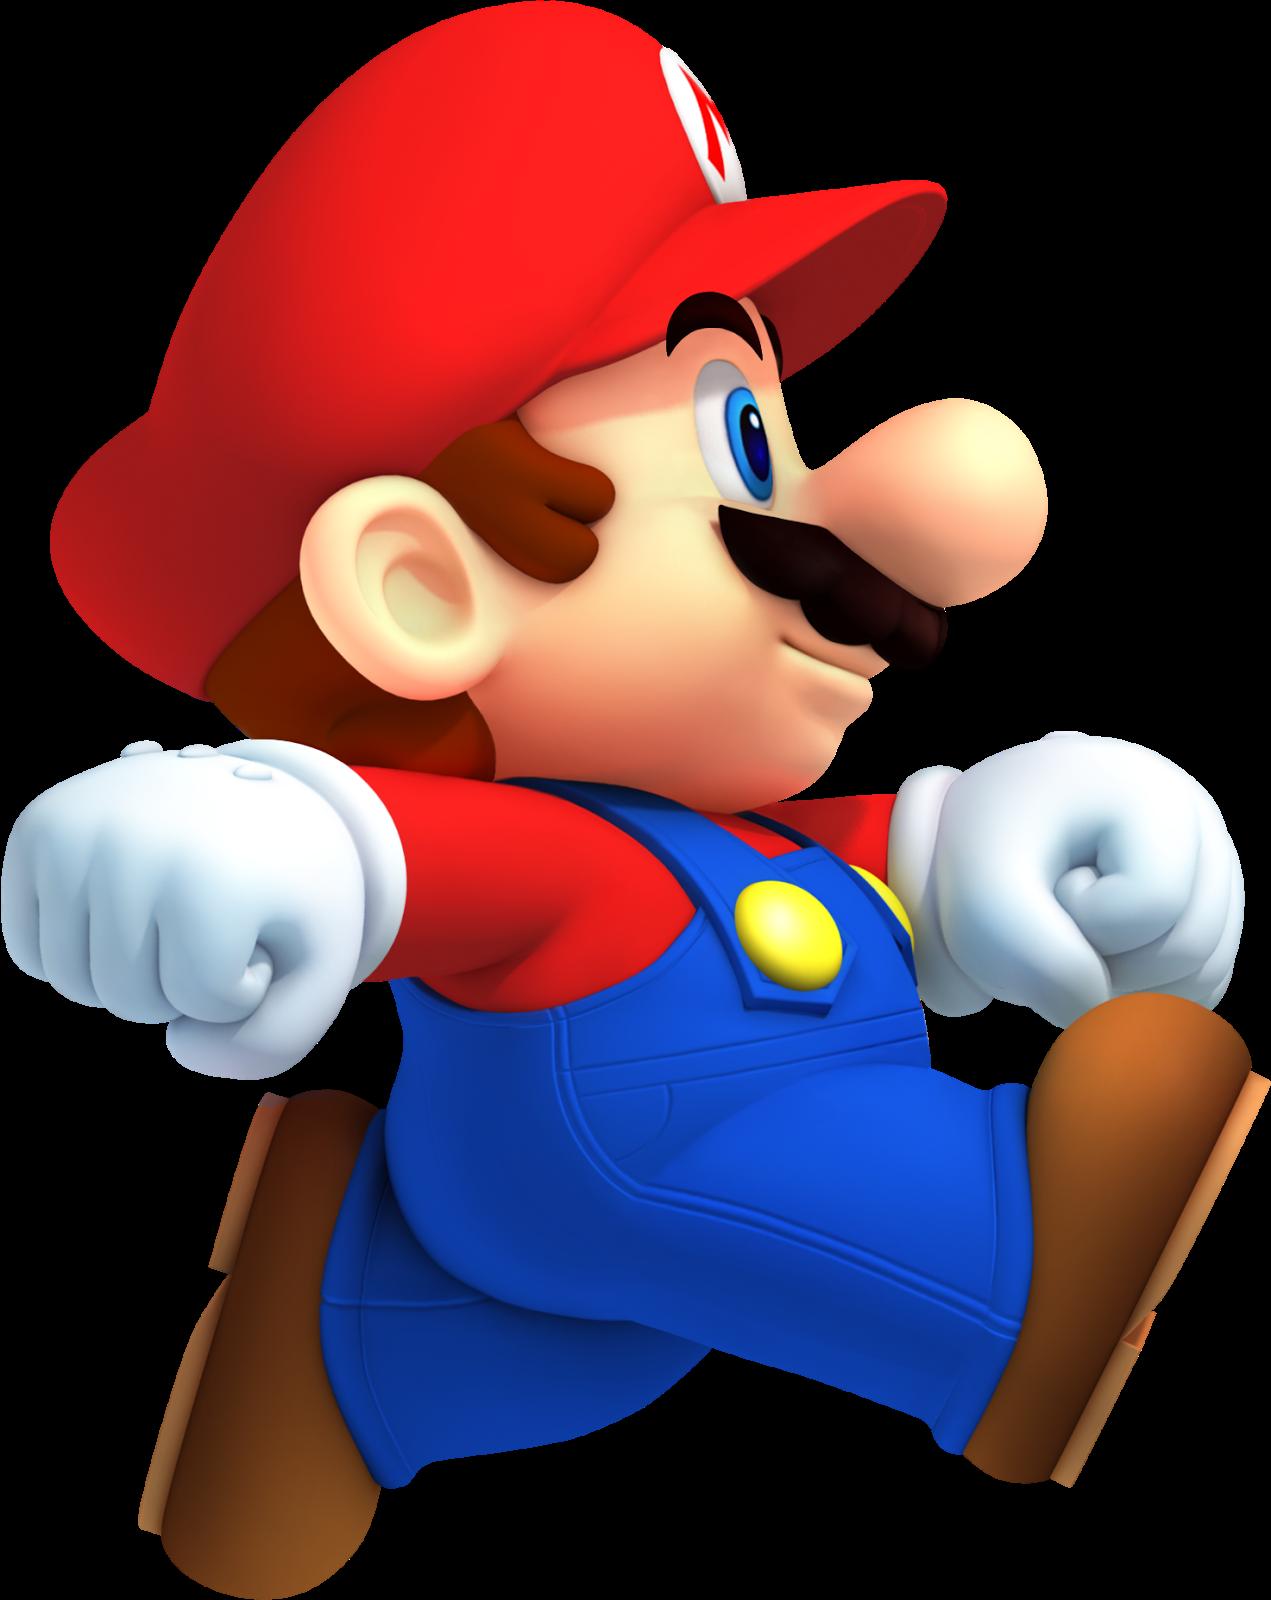 Mario clipart kid. Super m rio imagens